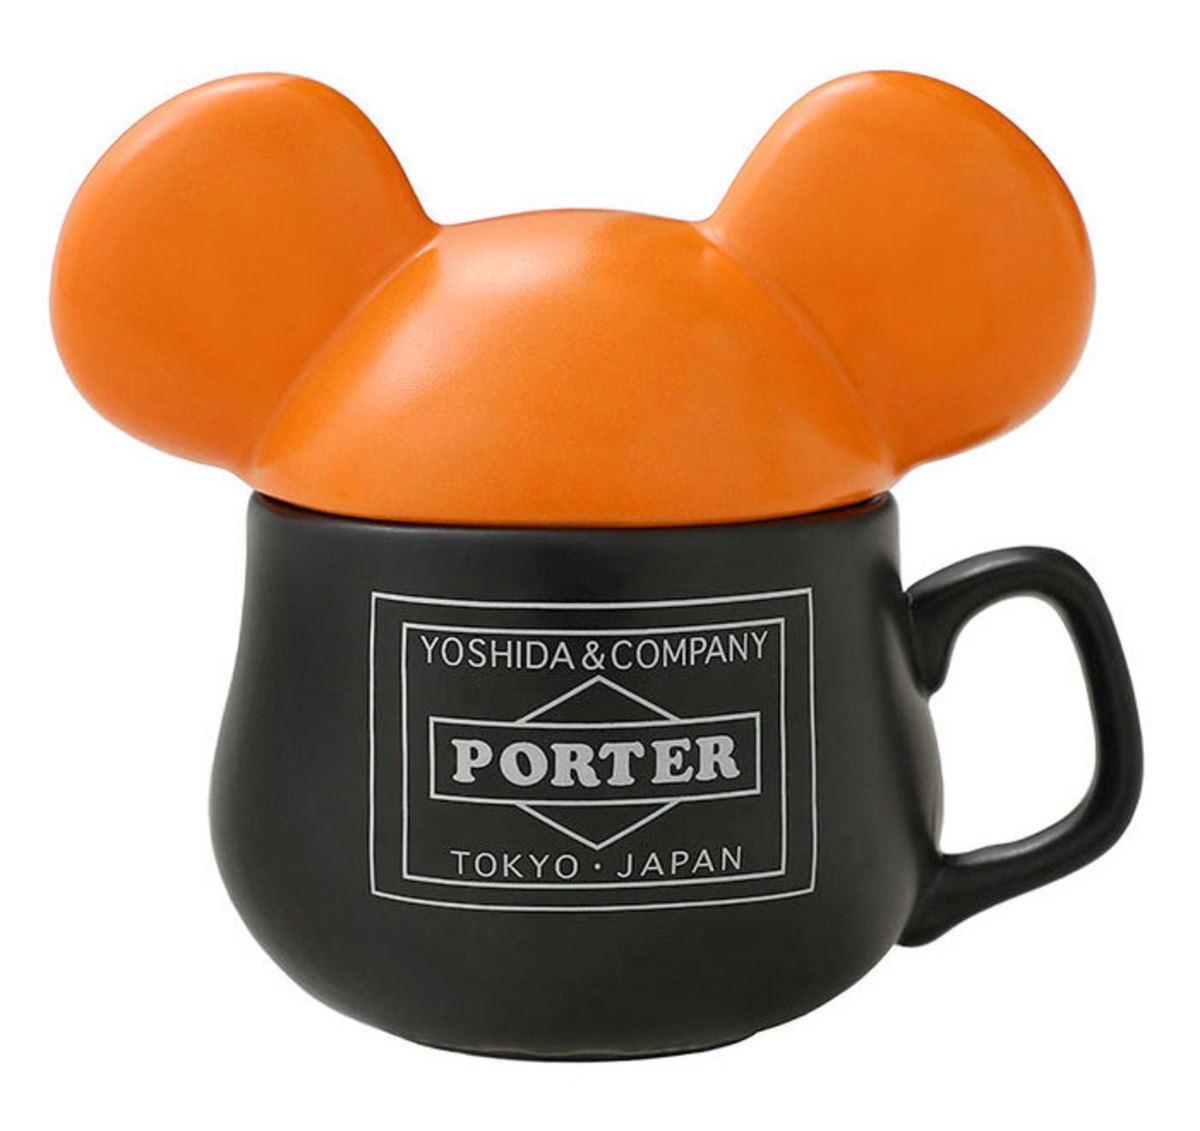 Porter Bearmug